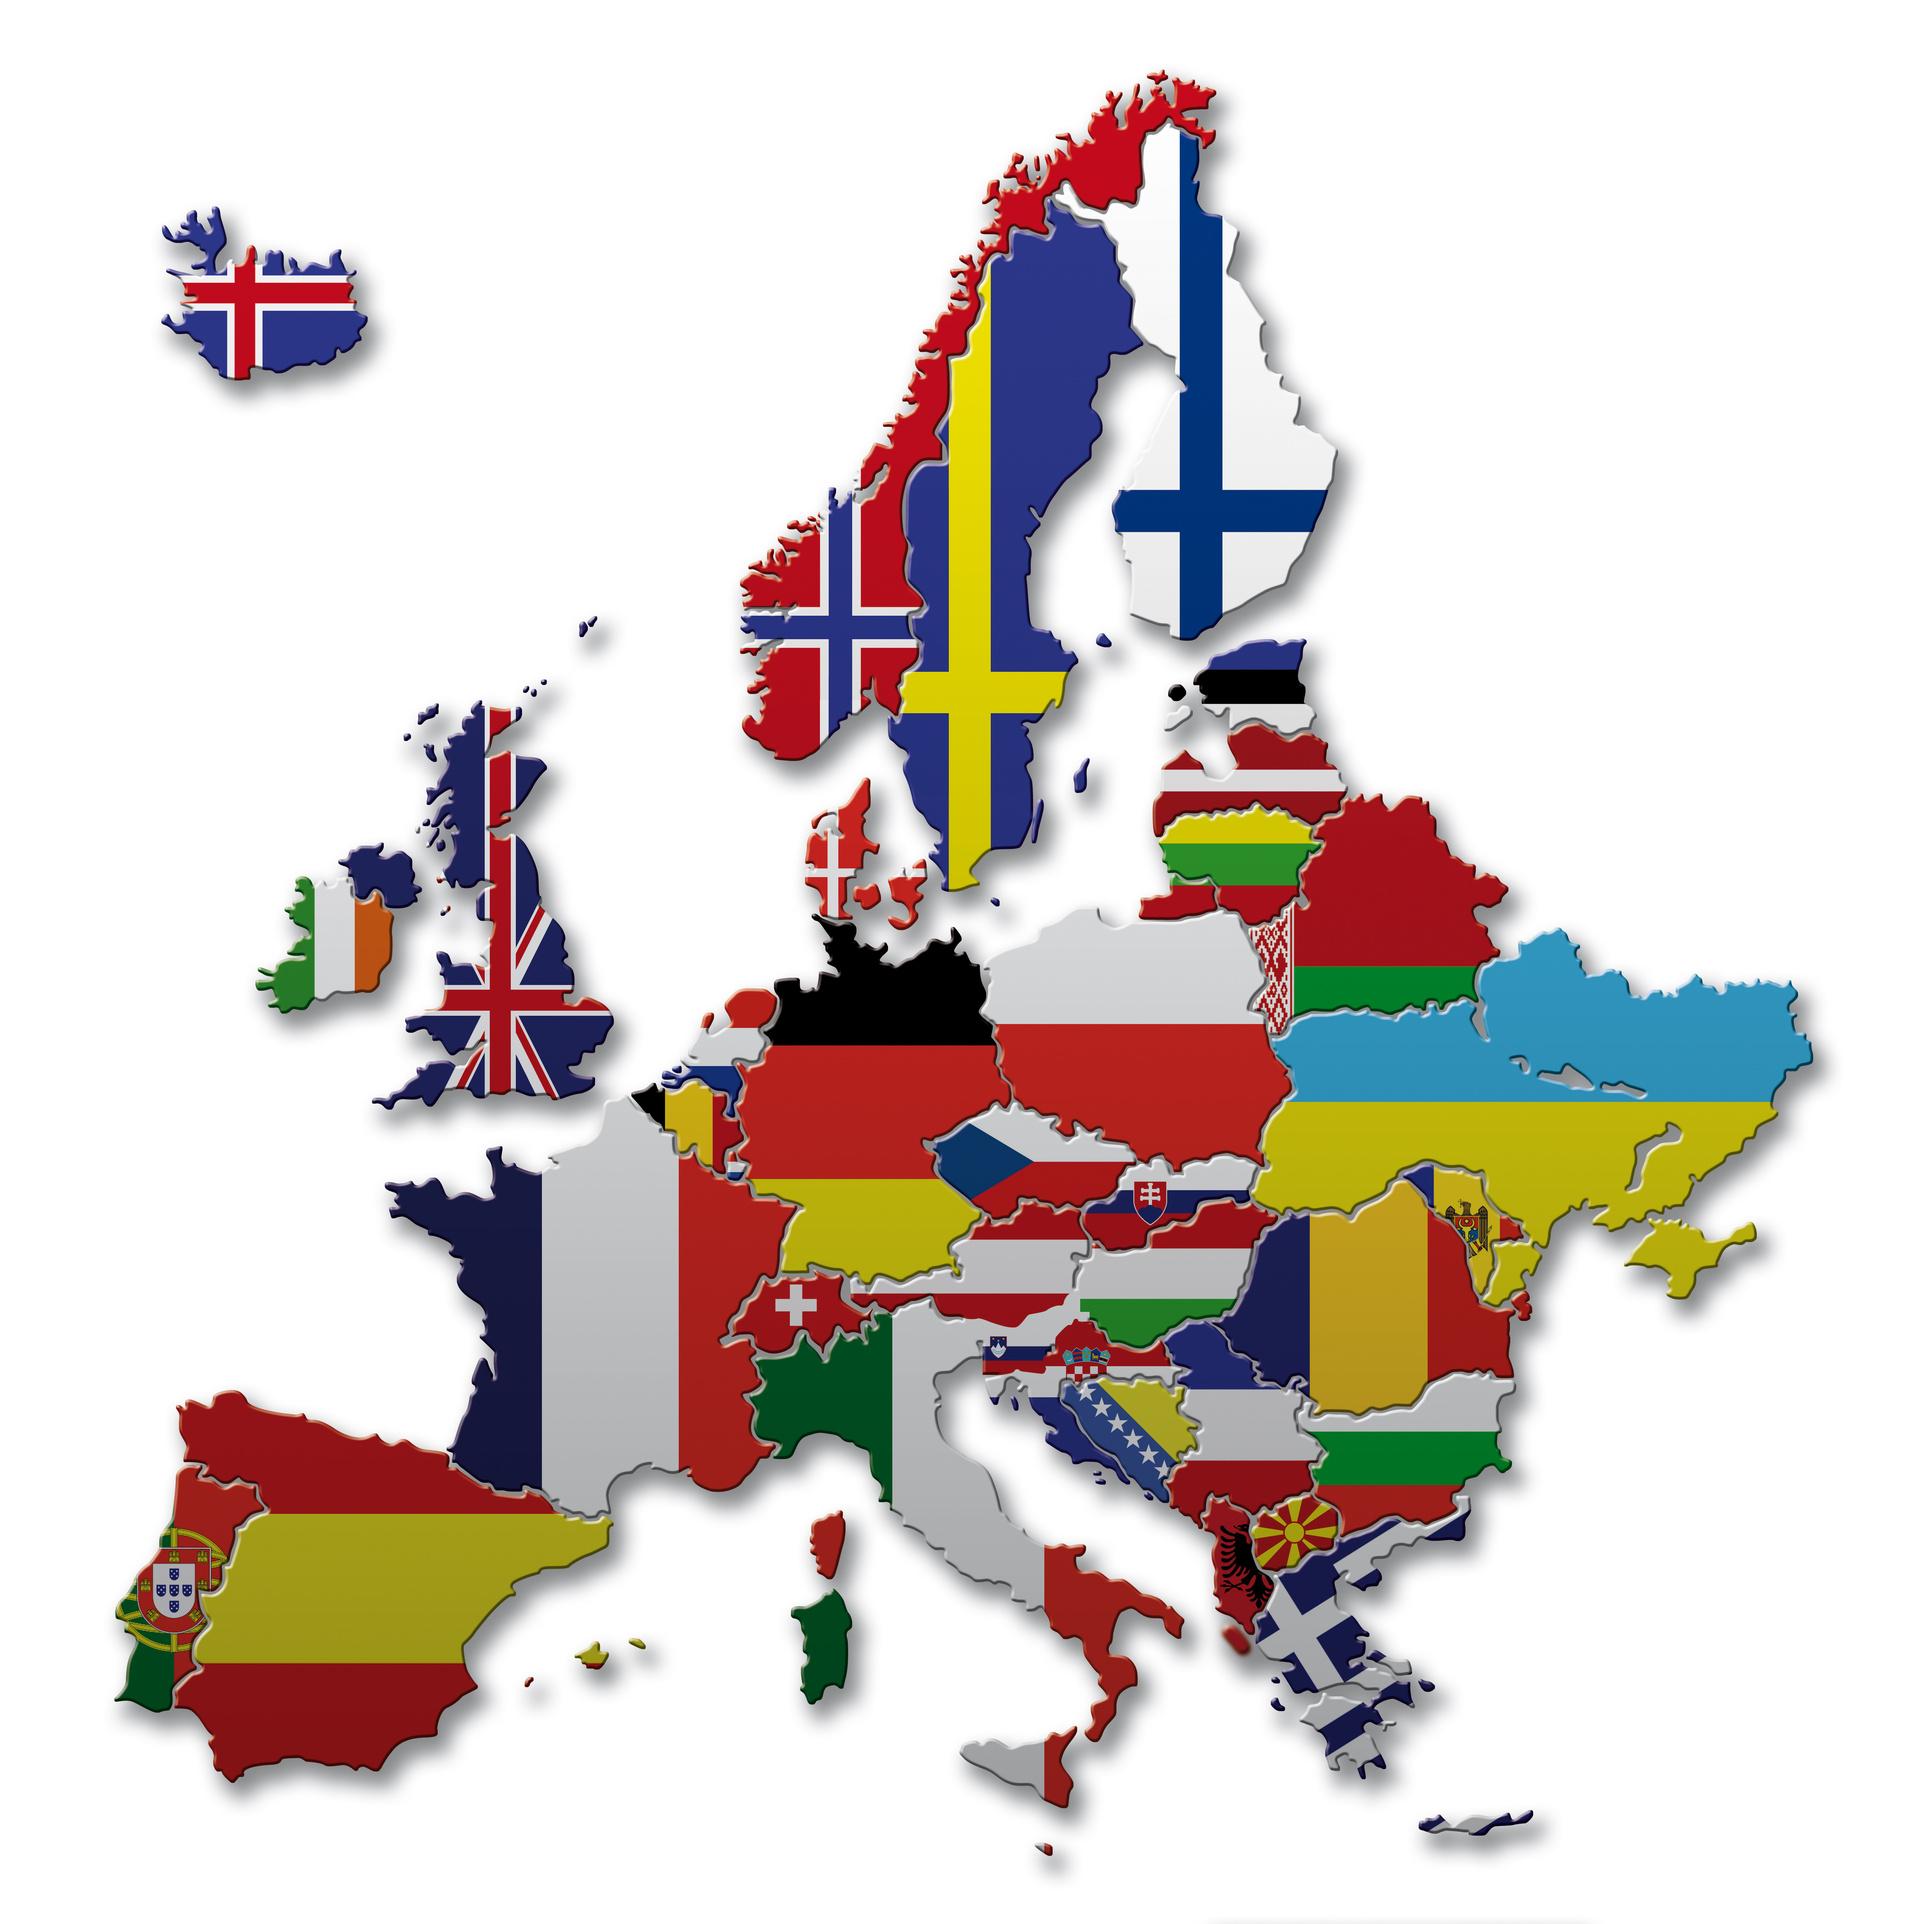 Contratti di lavoro in Europa